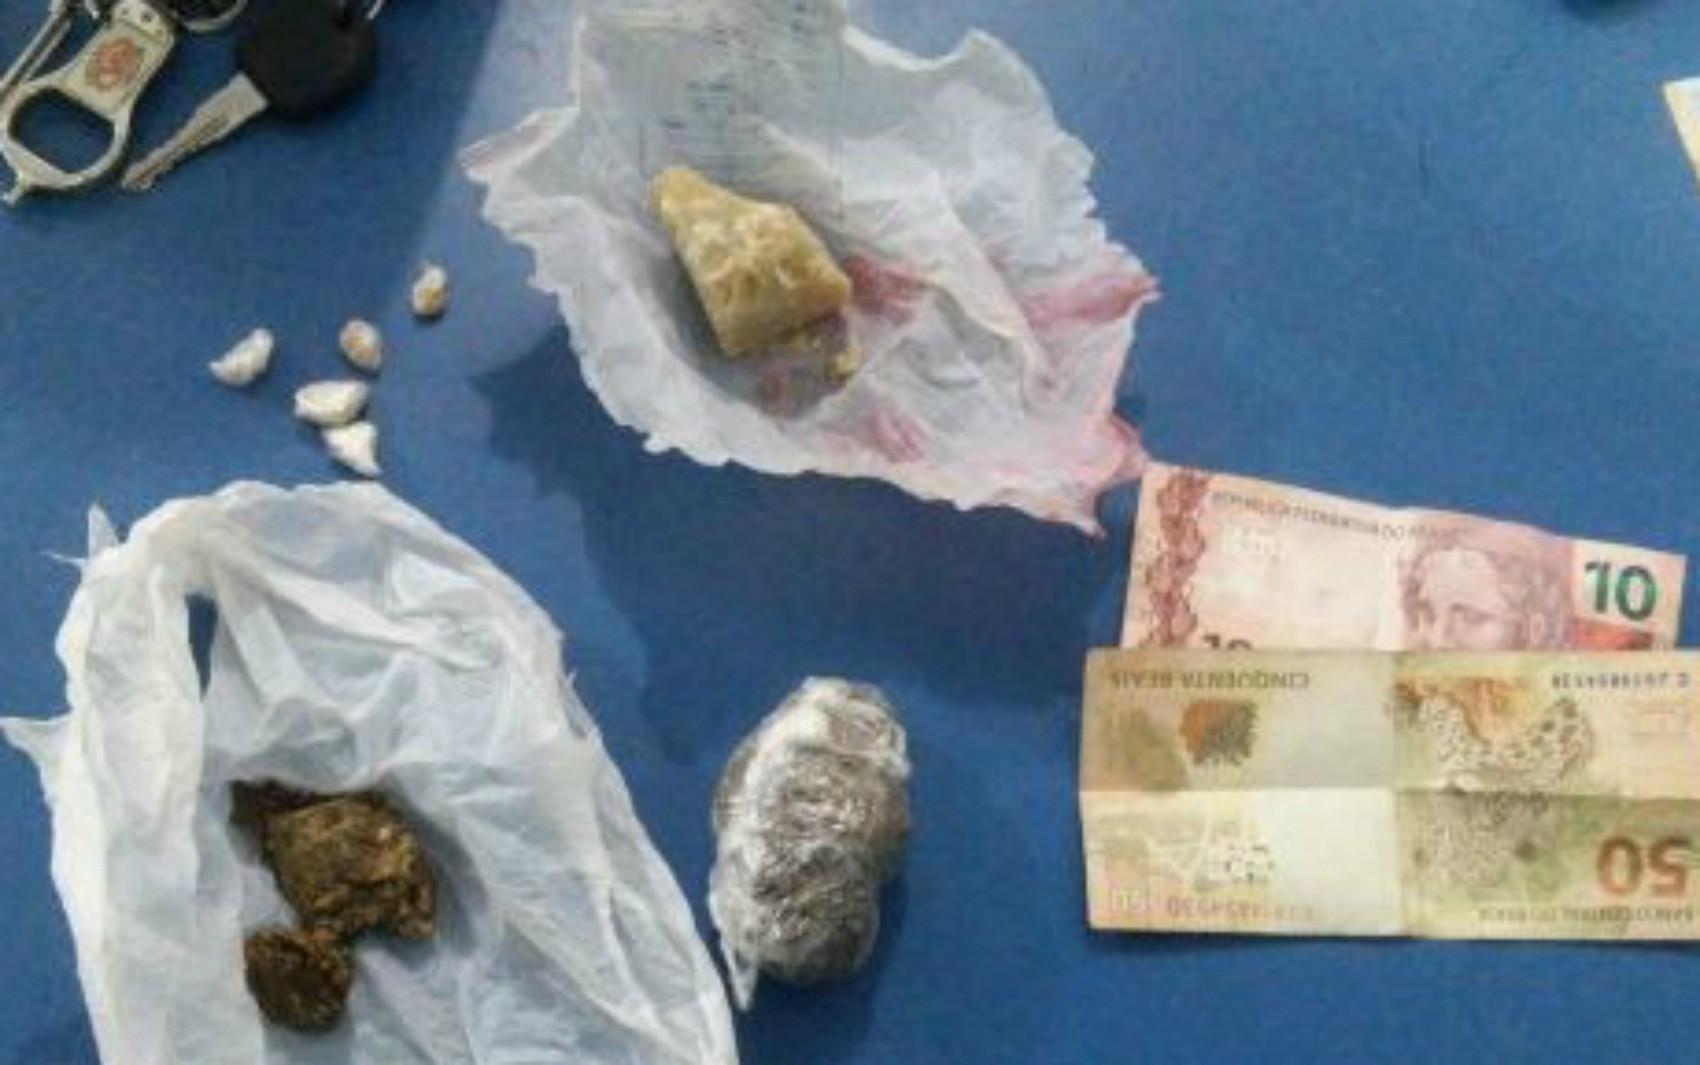 Jovem é preso por tráfico de drogas no Bairro Cristo Rei em Vilhena, RO